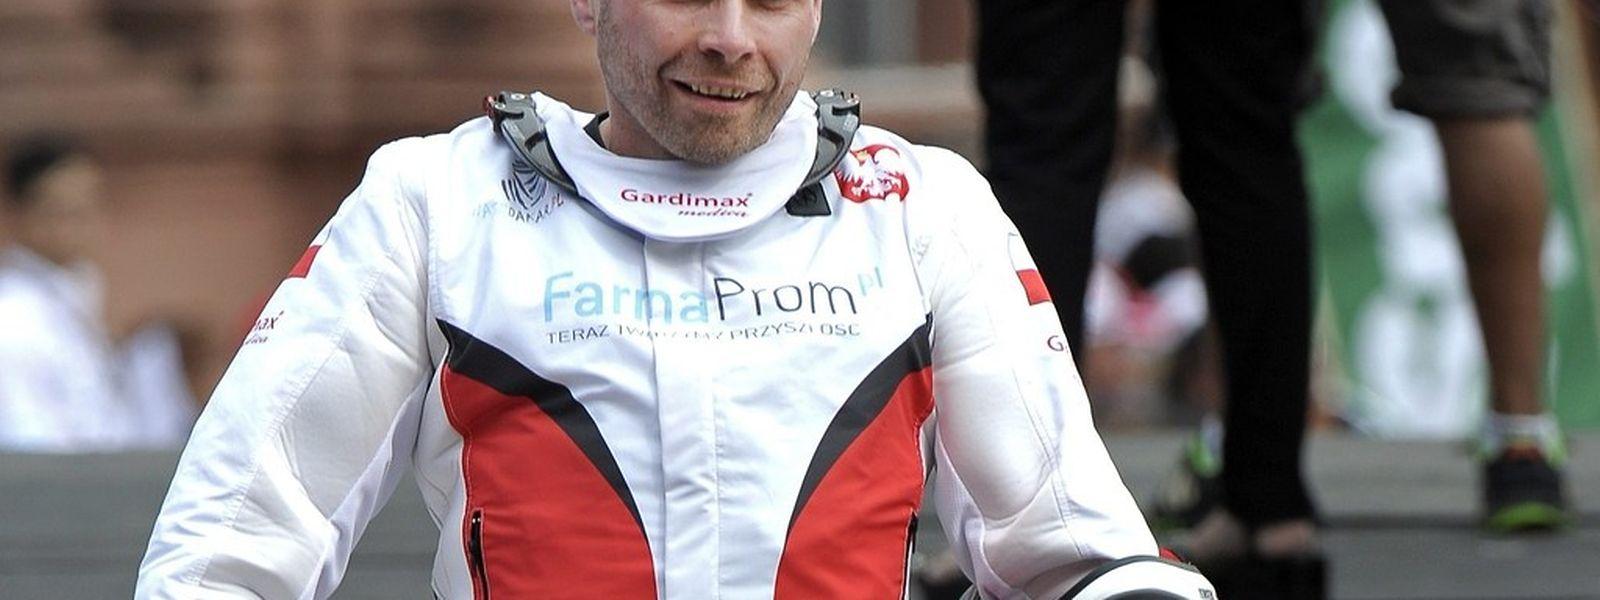 Michal Hernik kam bei seiner ersten Teilnahme an der Rallye Dakar ums Leben.